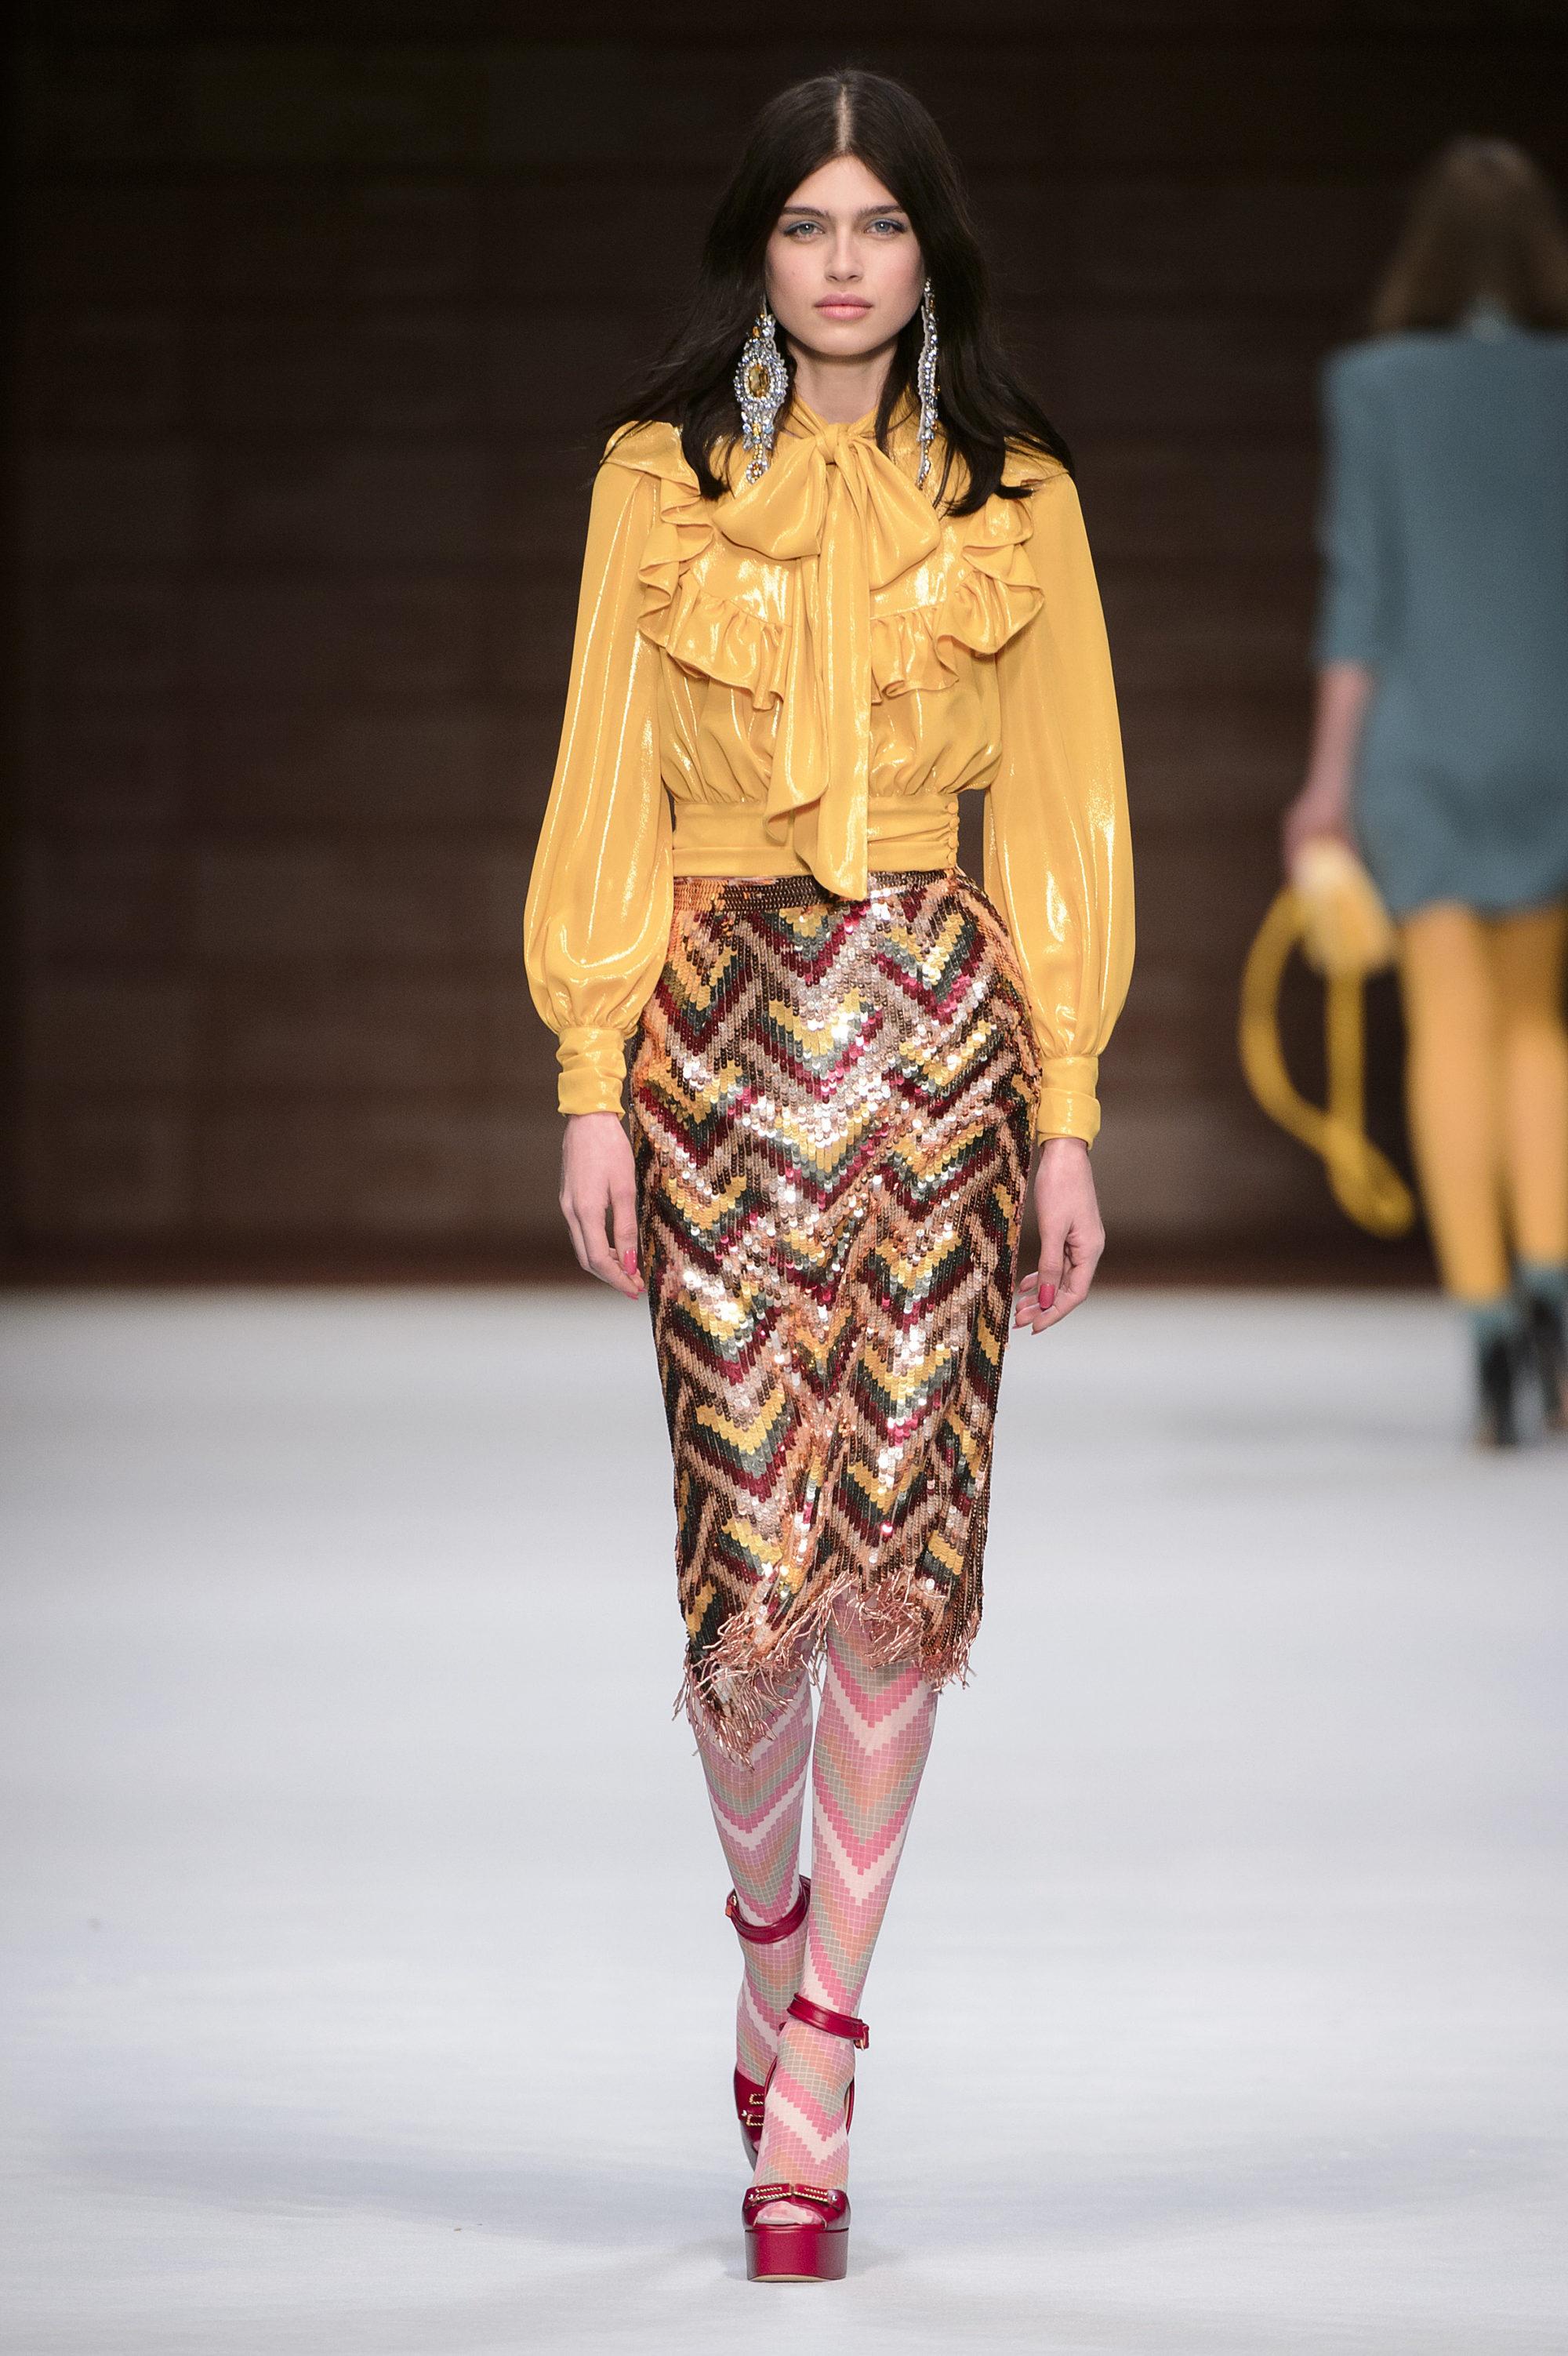 Elisabetta Franchi модная желтая блузка 2019 с воланами и бантом